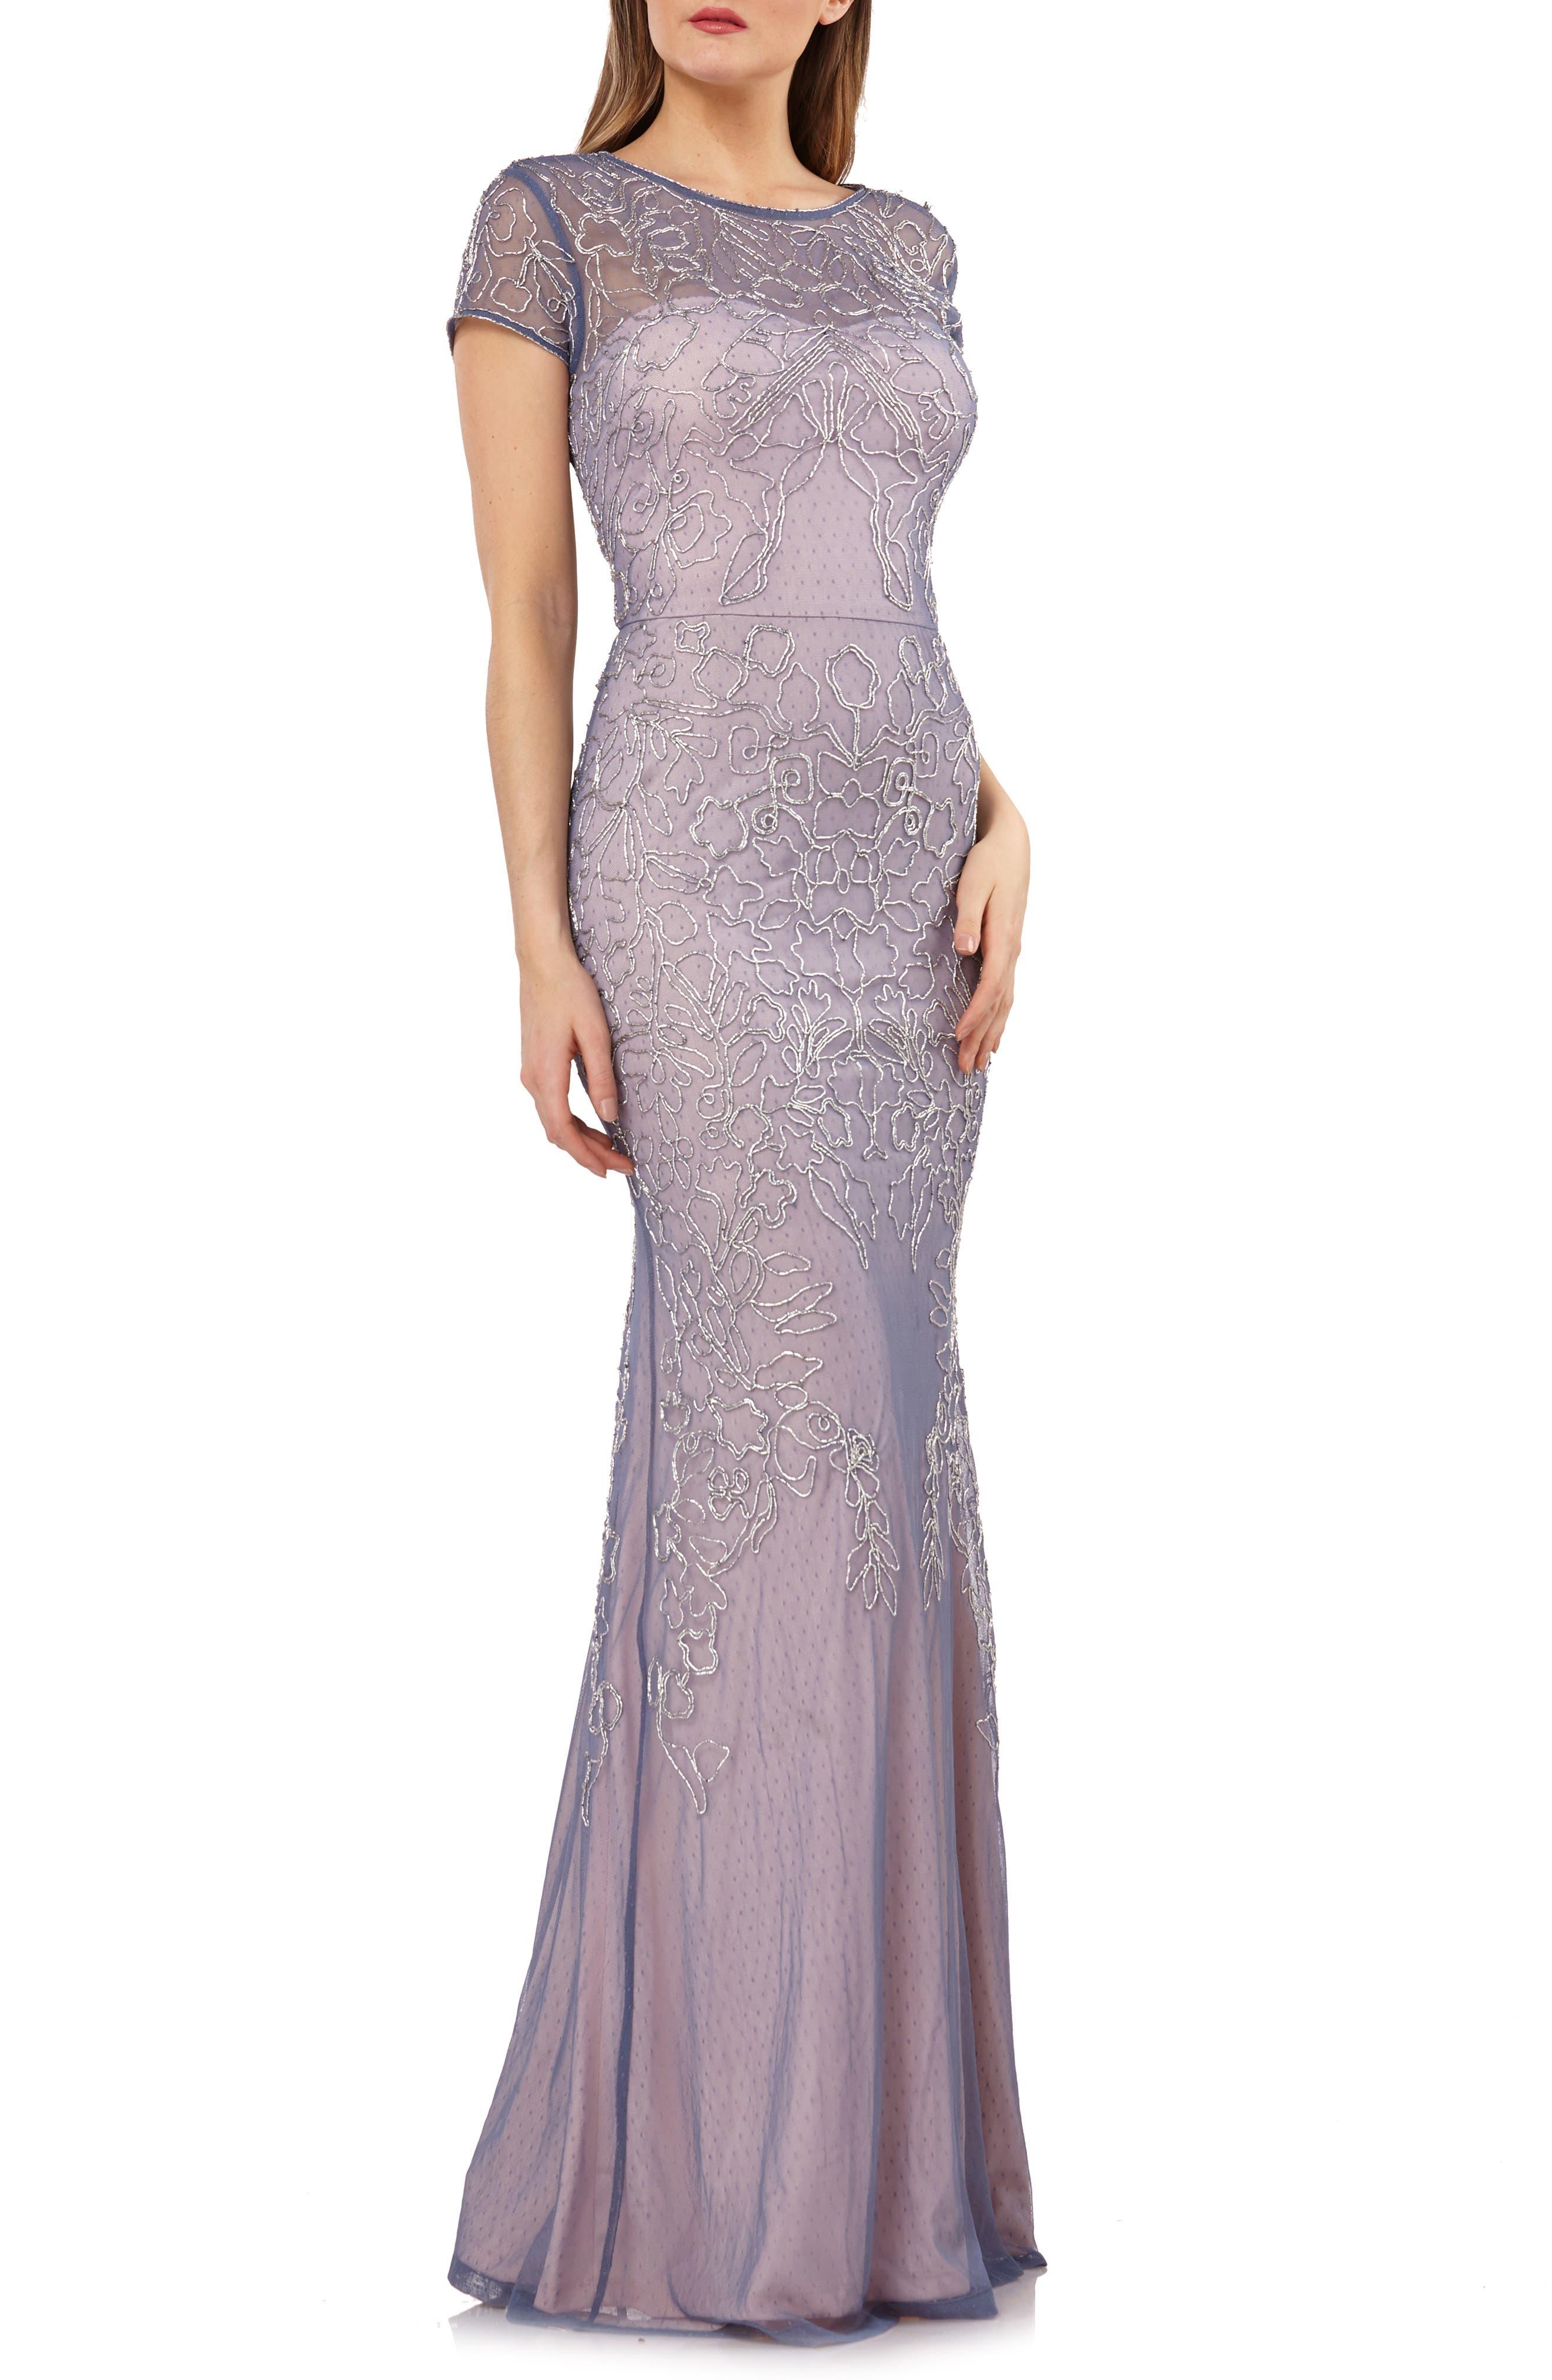 Soutache Mesh Evening Dress, Main, color, BLUE SILVER